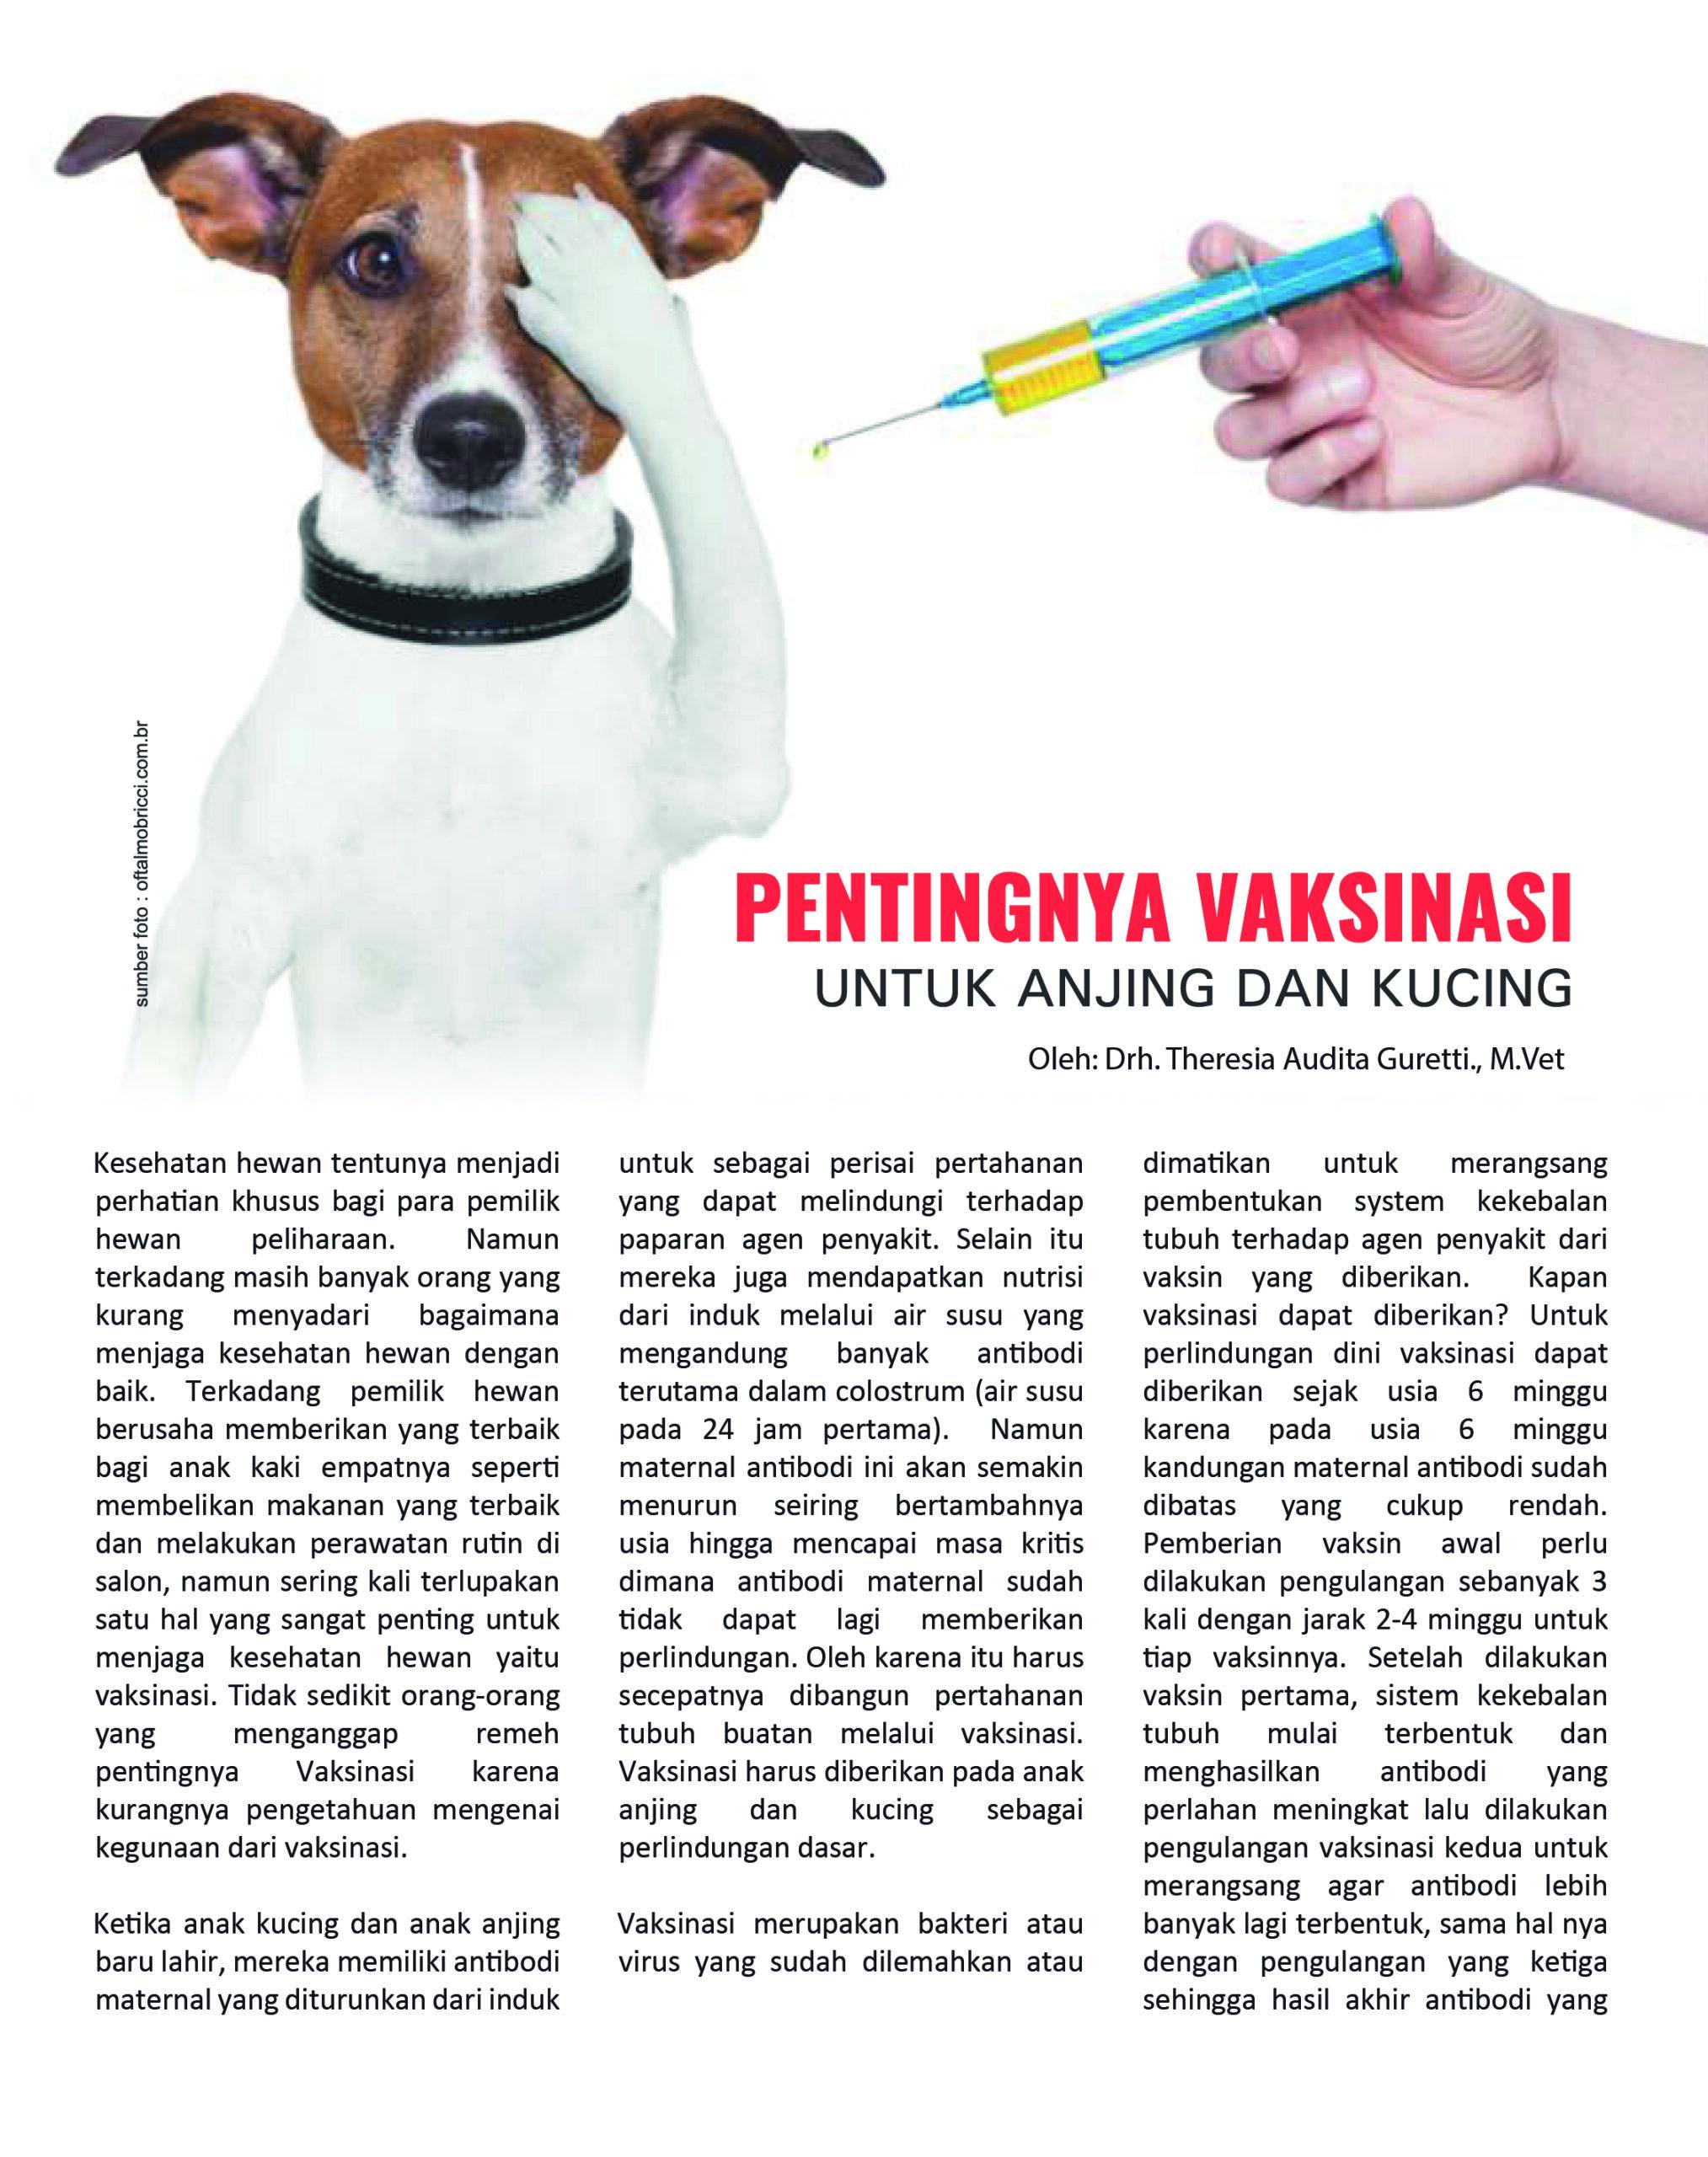 Vaksinasi bagi hewan peliharaan, anjing dan kucing